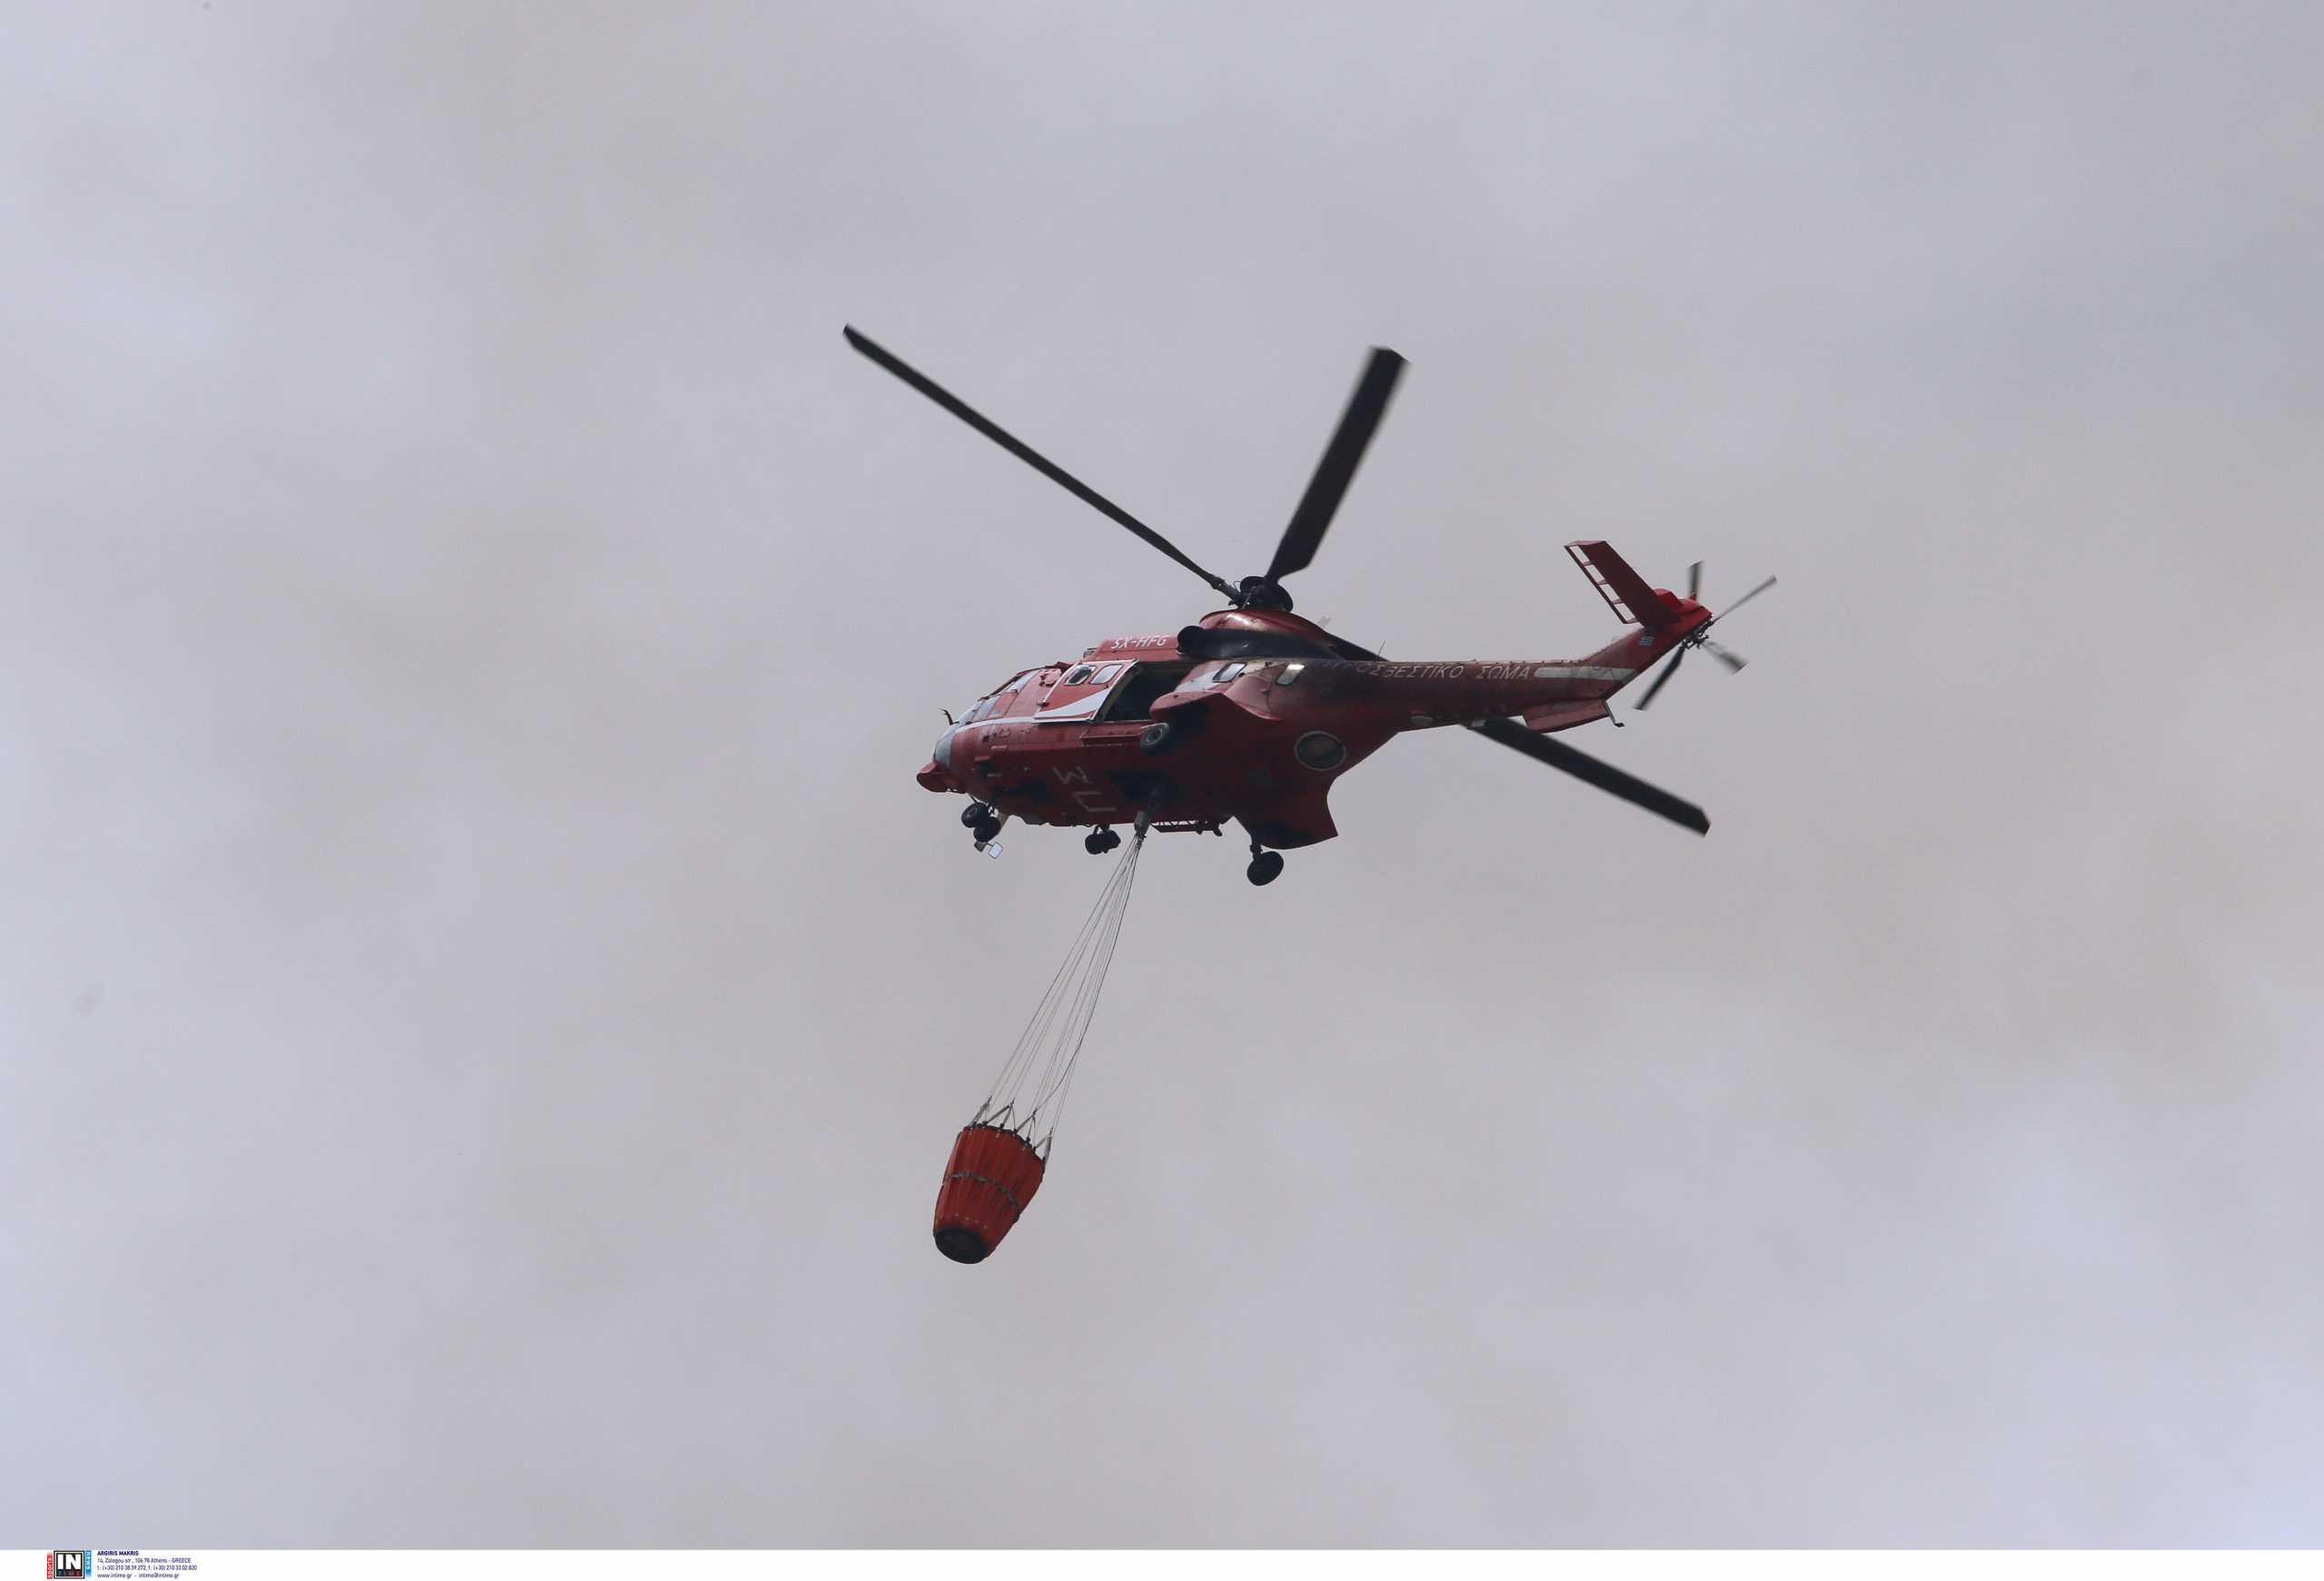 Κρήτη: Μεγάλη φωτιά στονΆγιο Θωμά – Επιχειρούν δύο ελικόπτερα